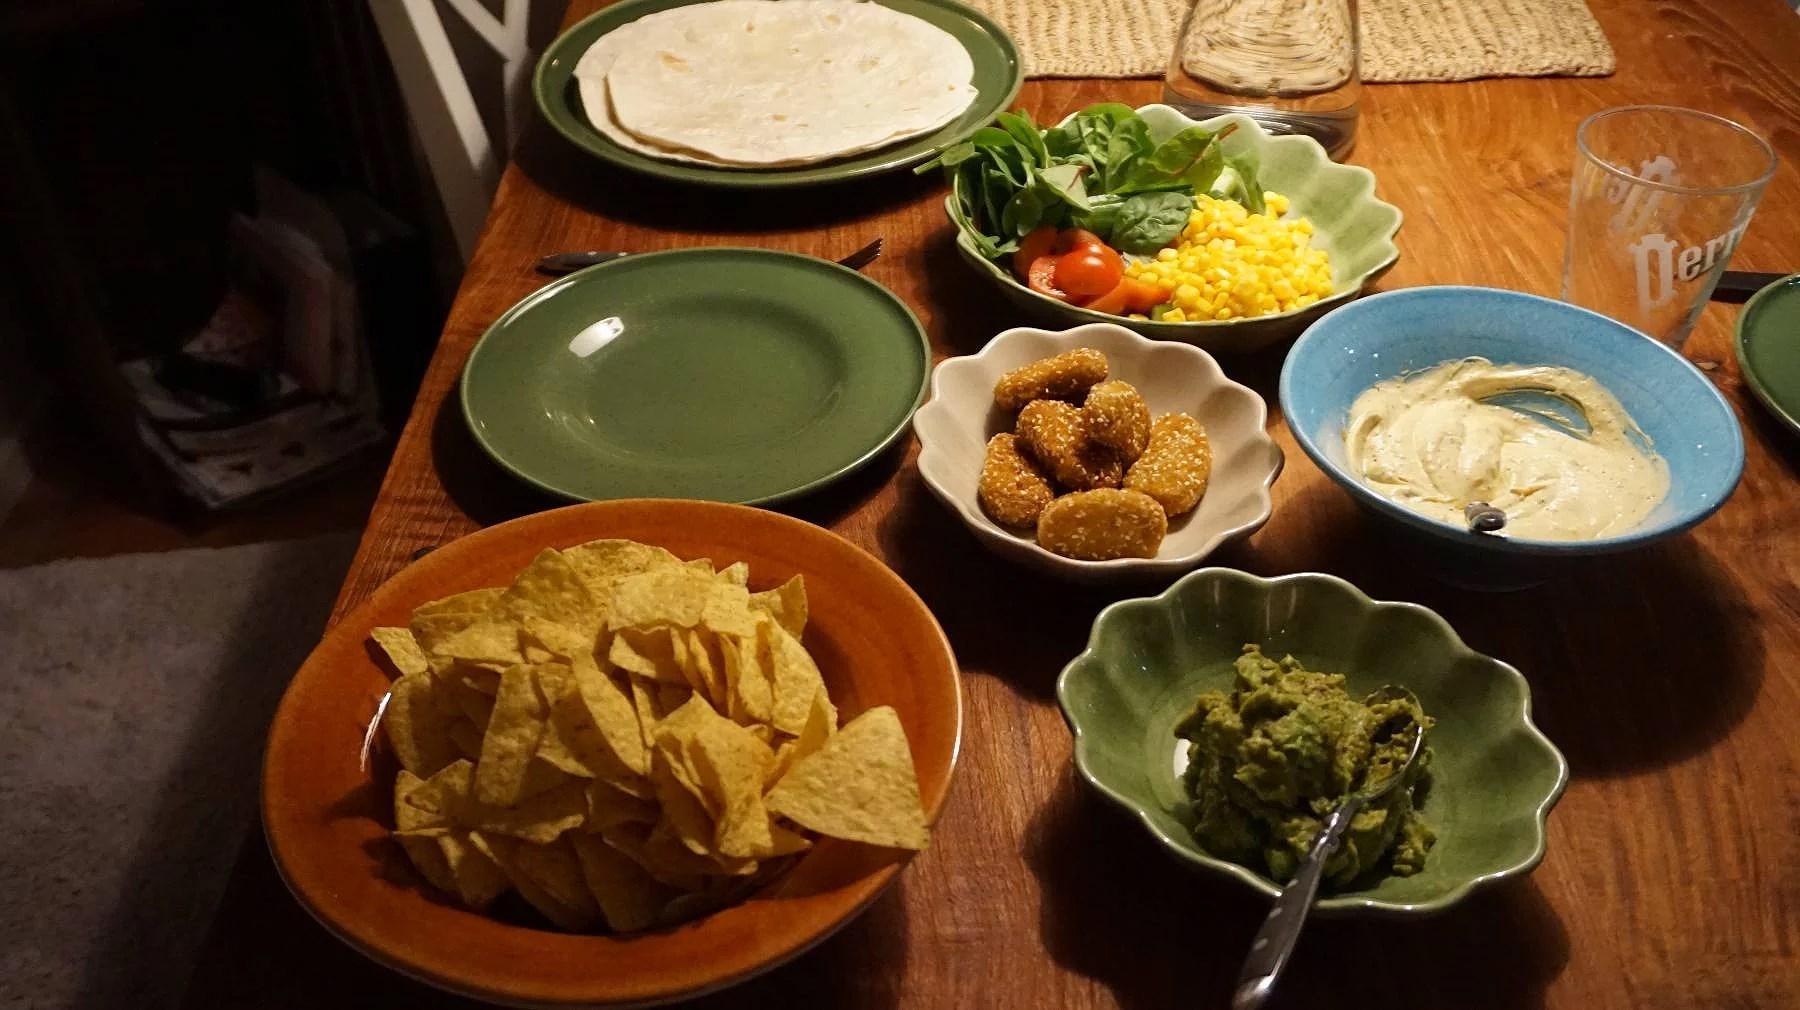 Mysiga måndag - taco night